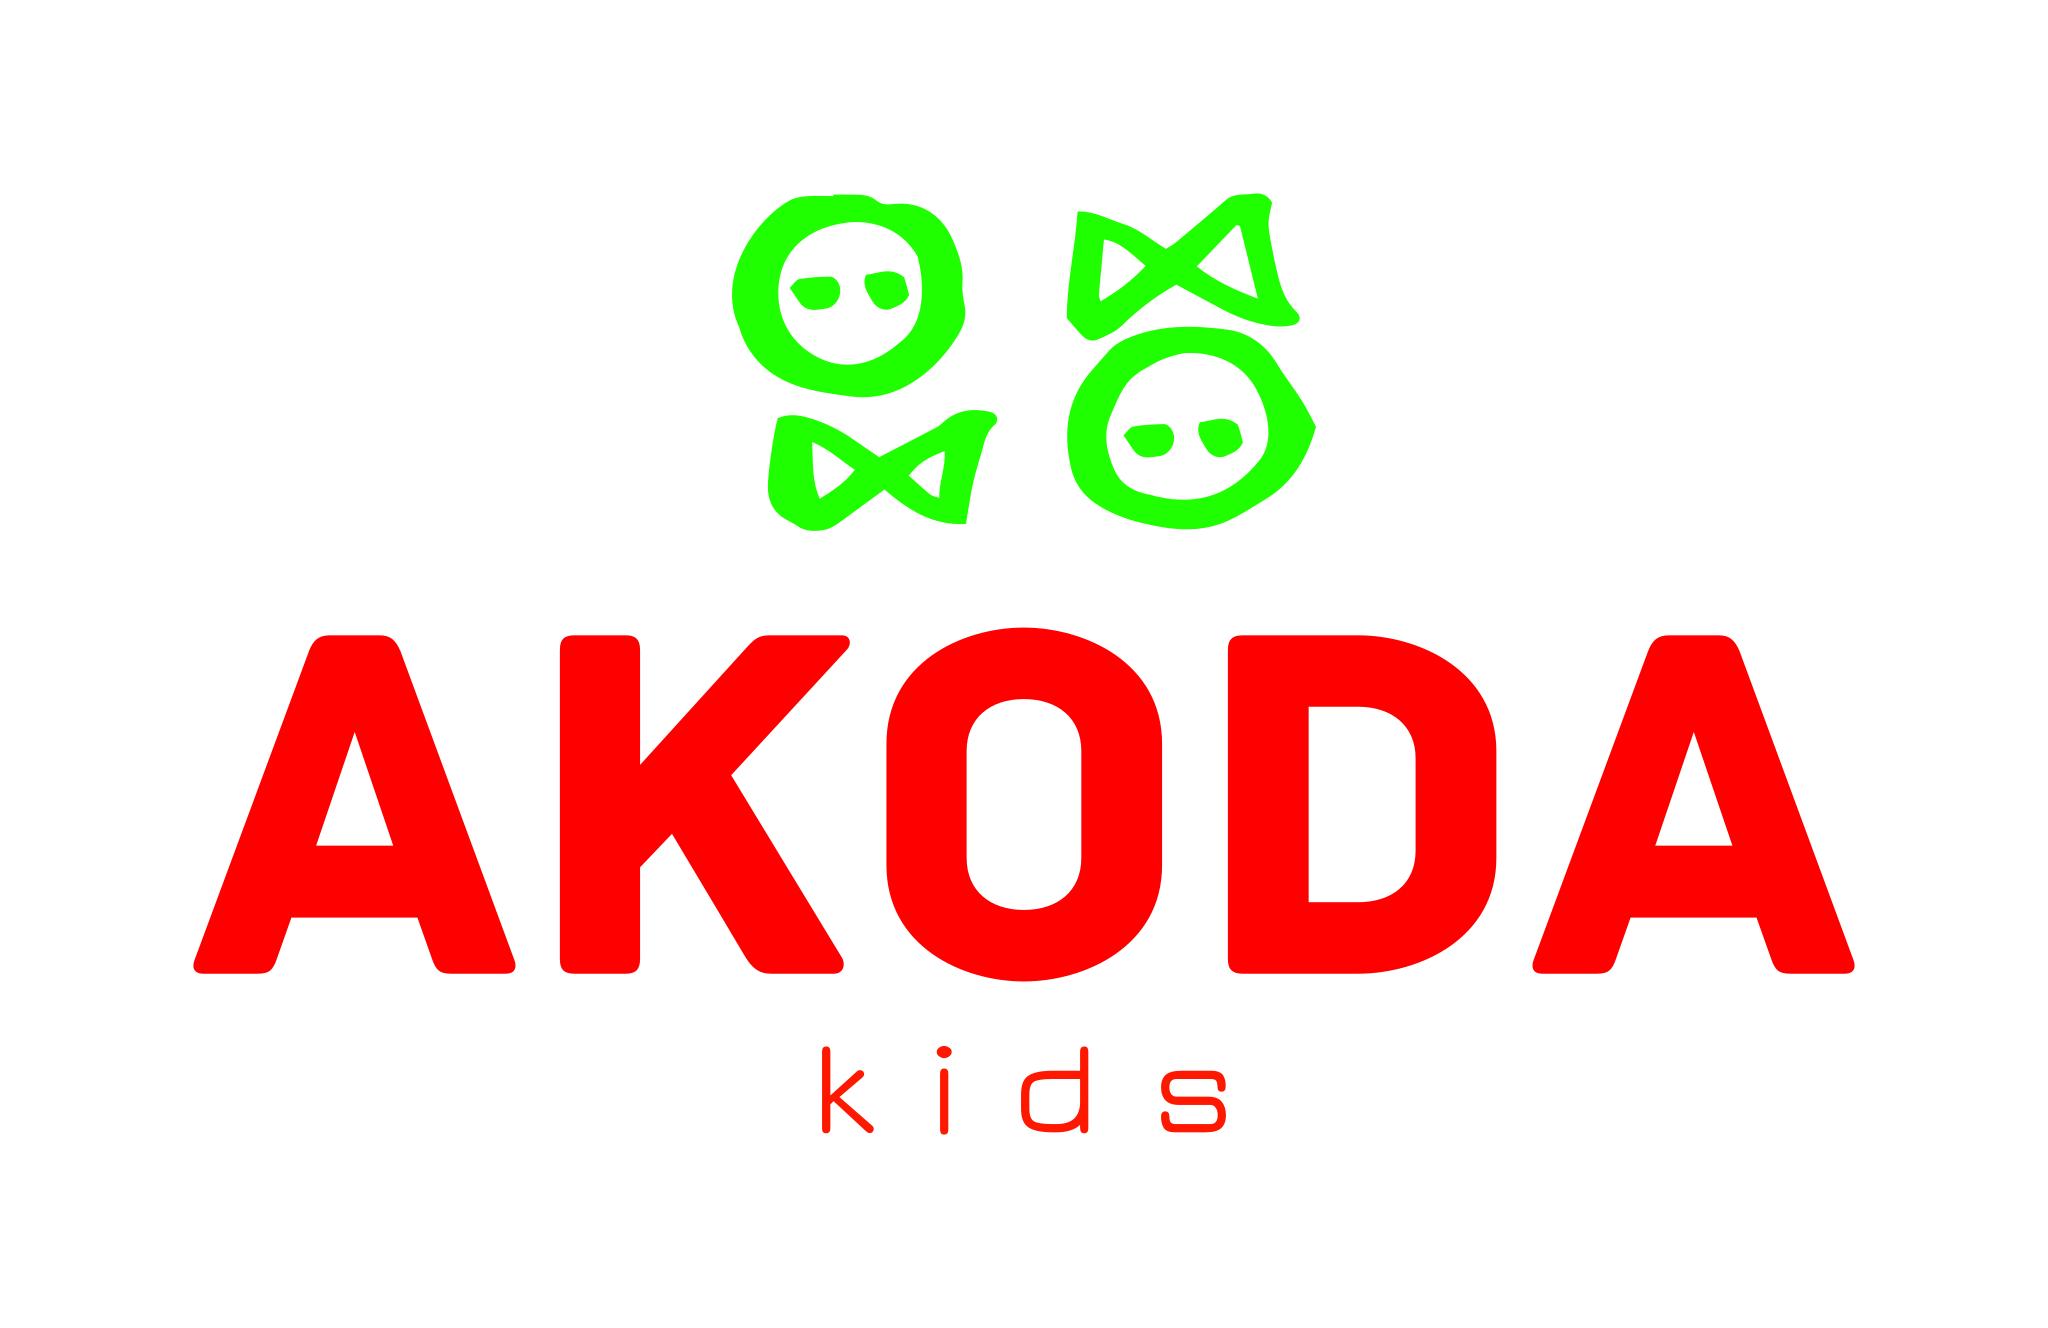 AKODA KIDS